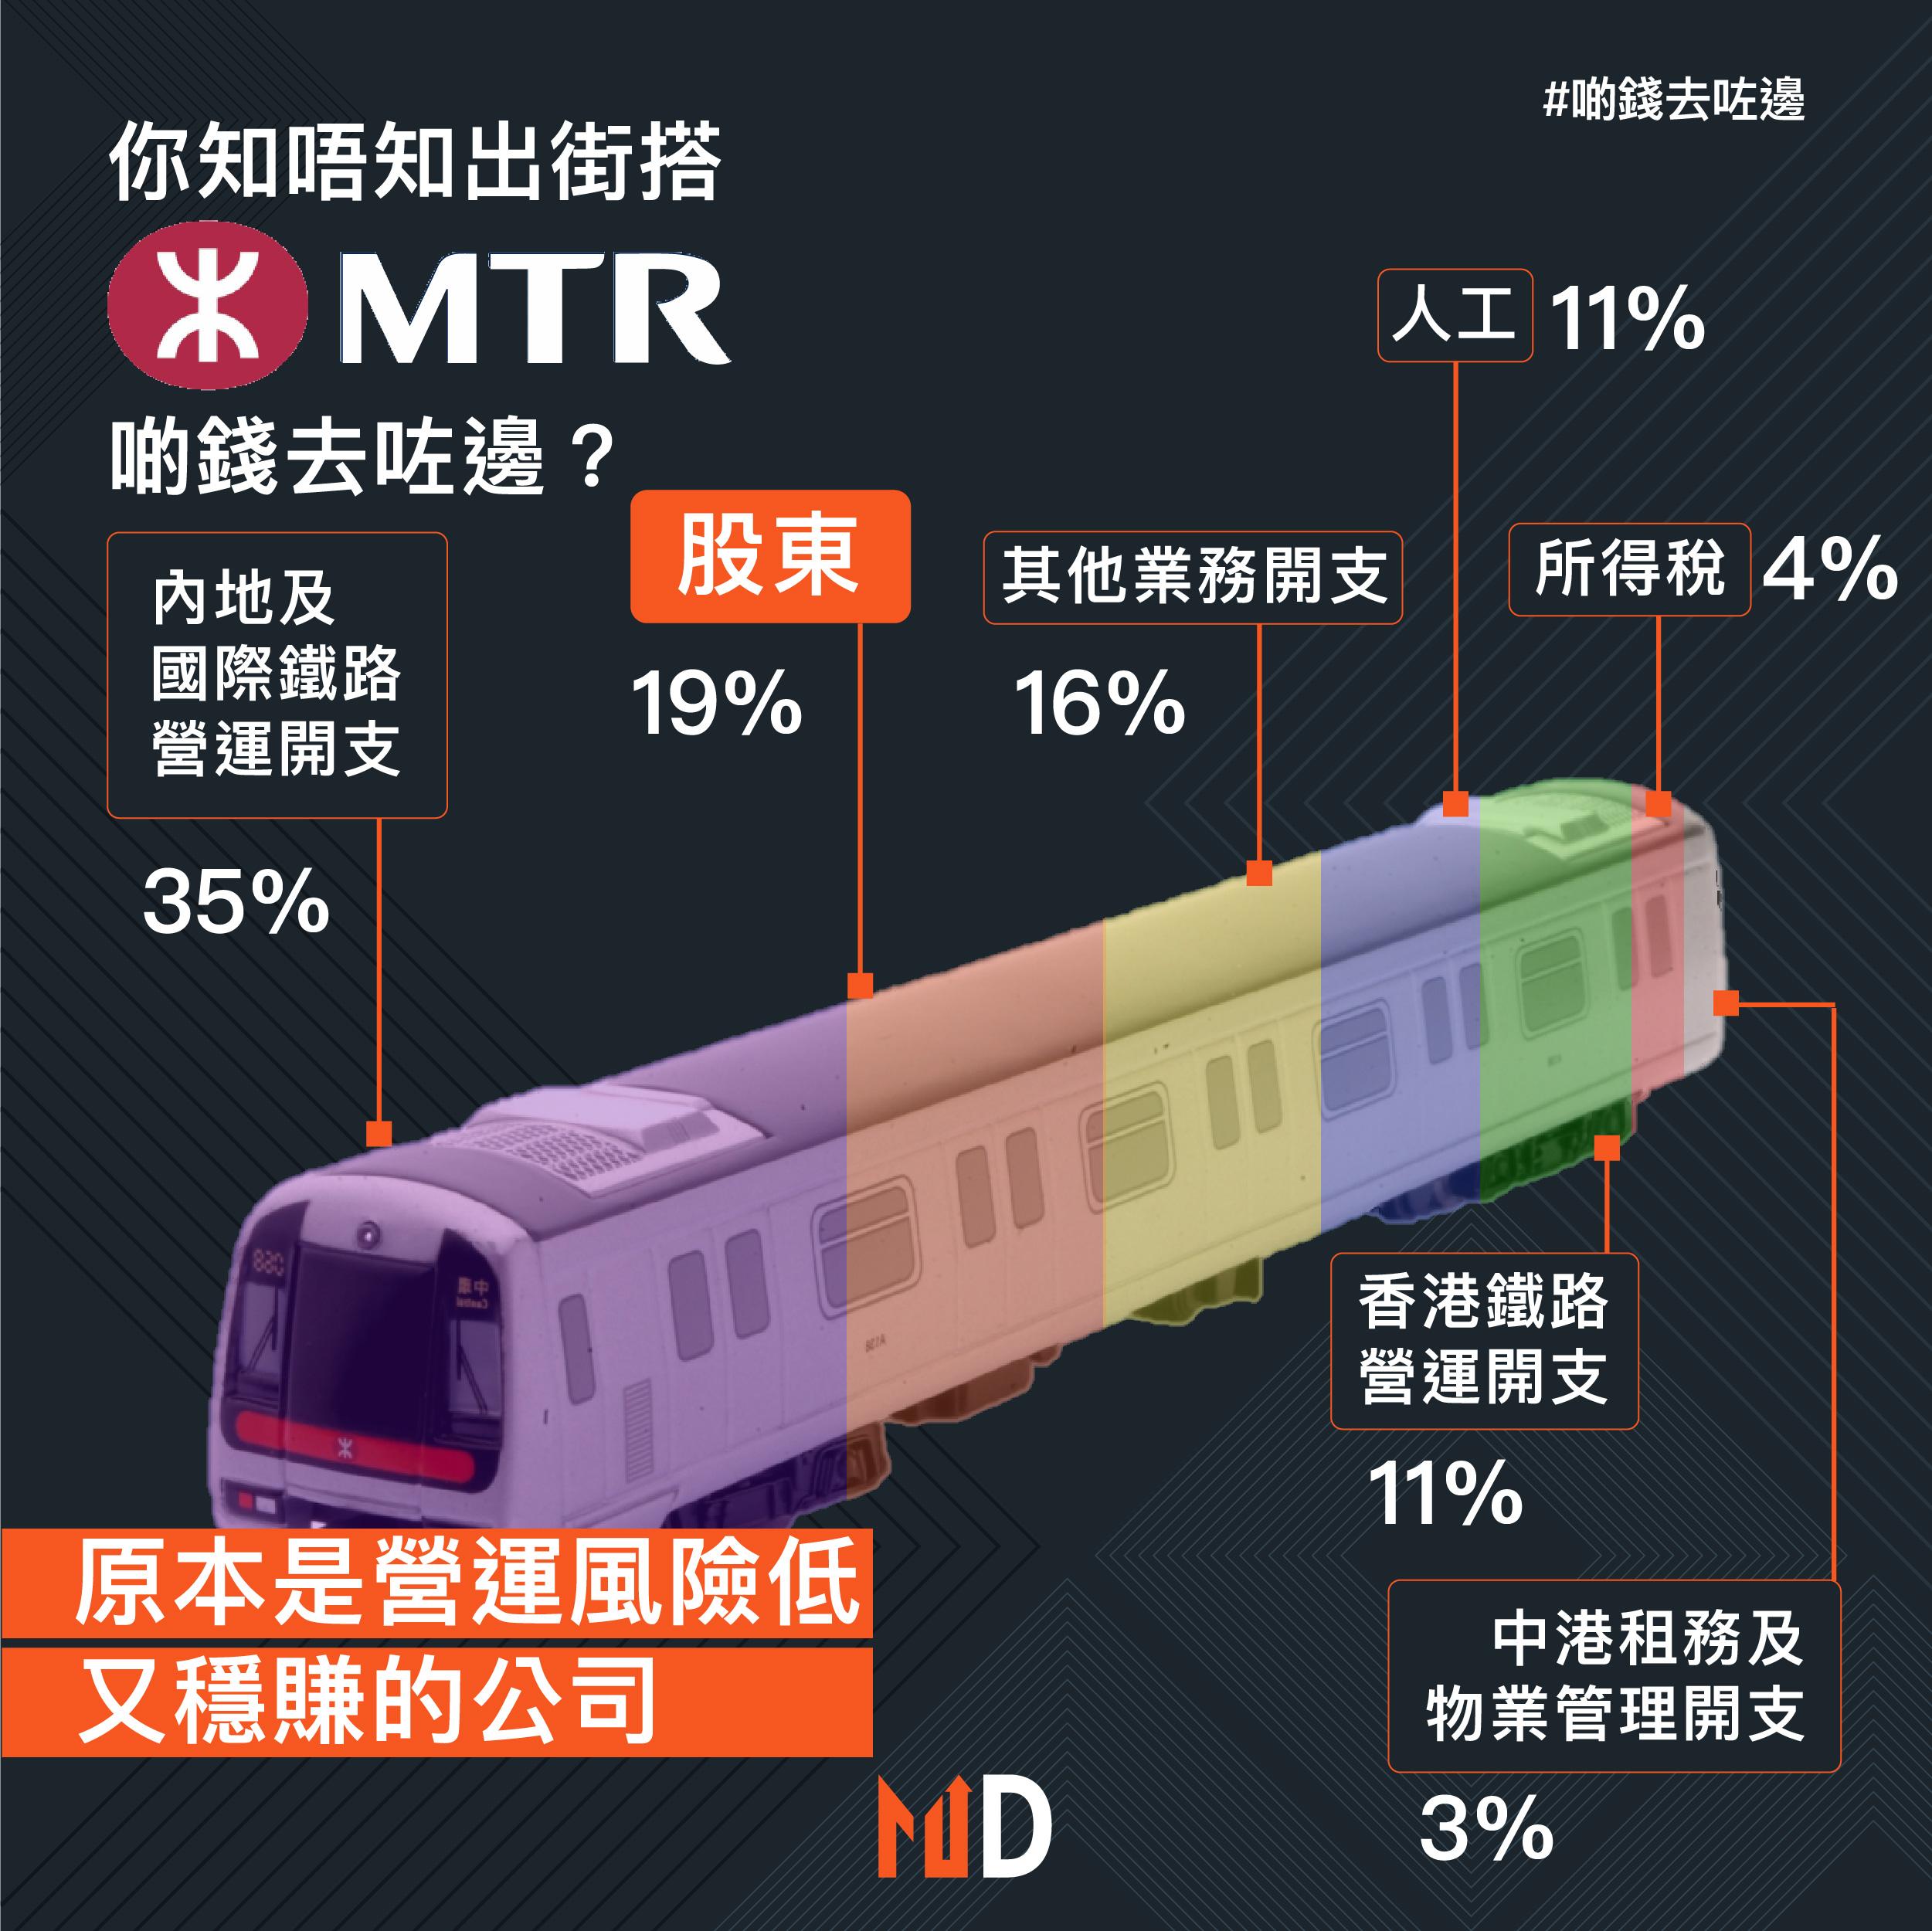 【#啲錢去咗邊】你知唔知出街搭港鐵,啲錢去咗邊?